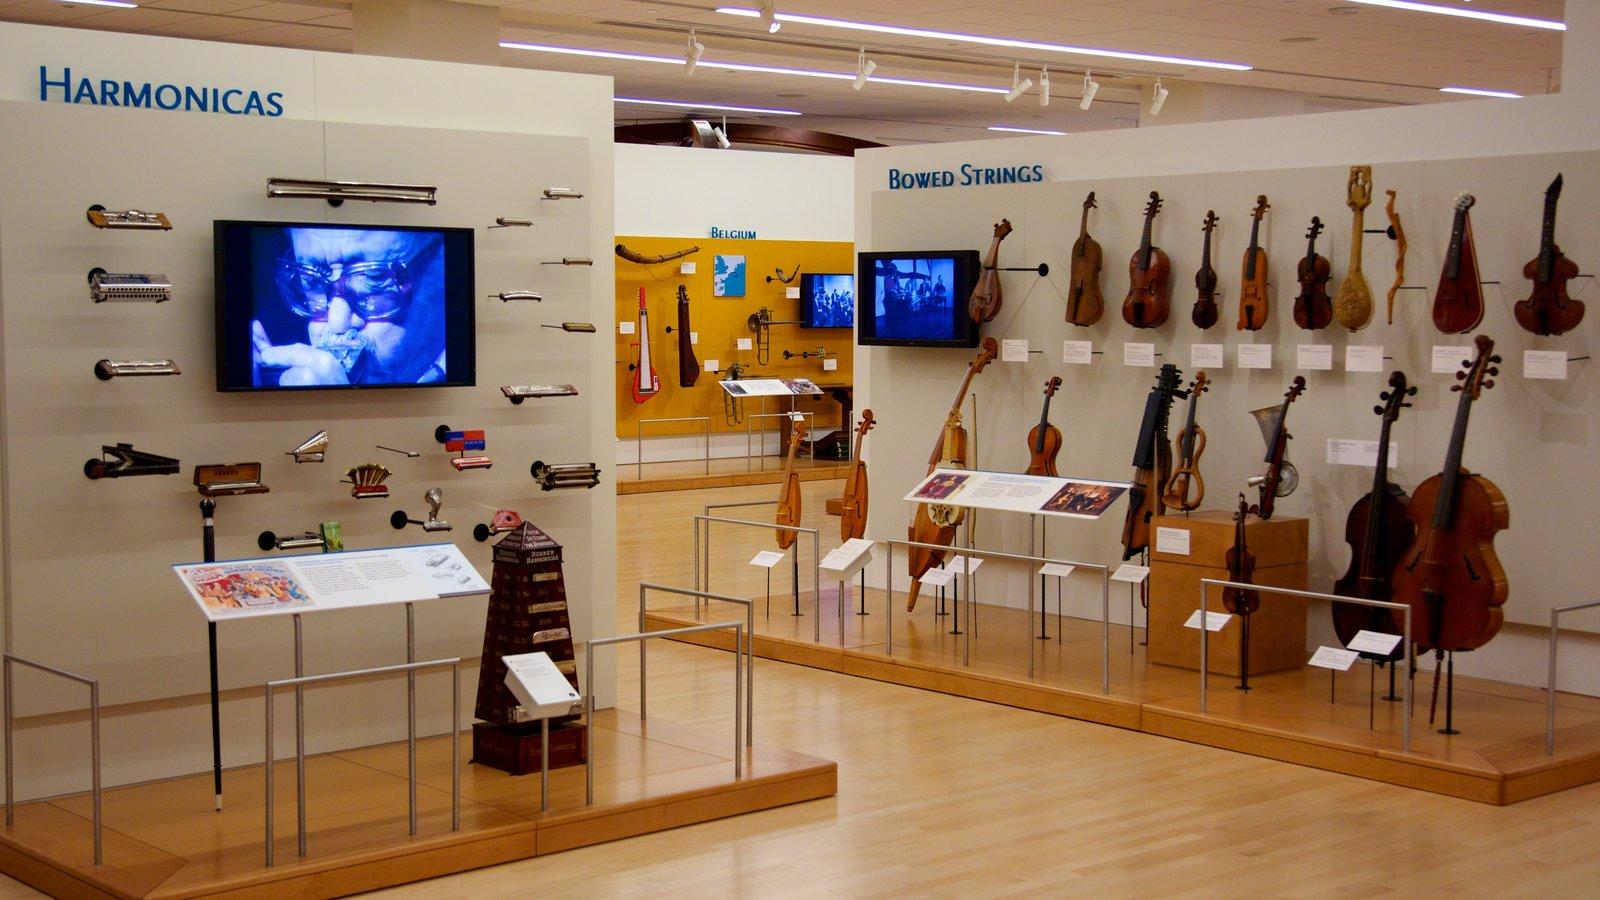 Museu dos Instrumentos Musicais que inclui música e vistas internas